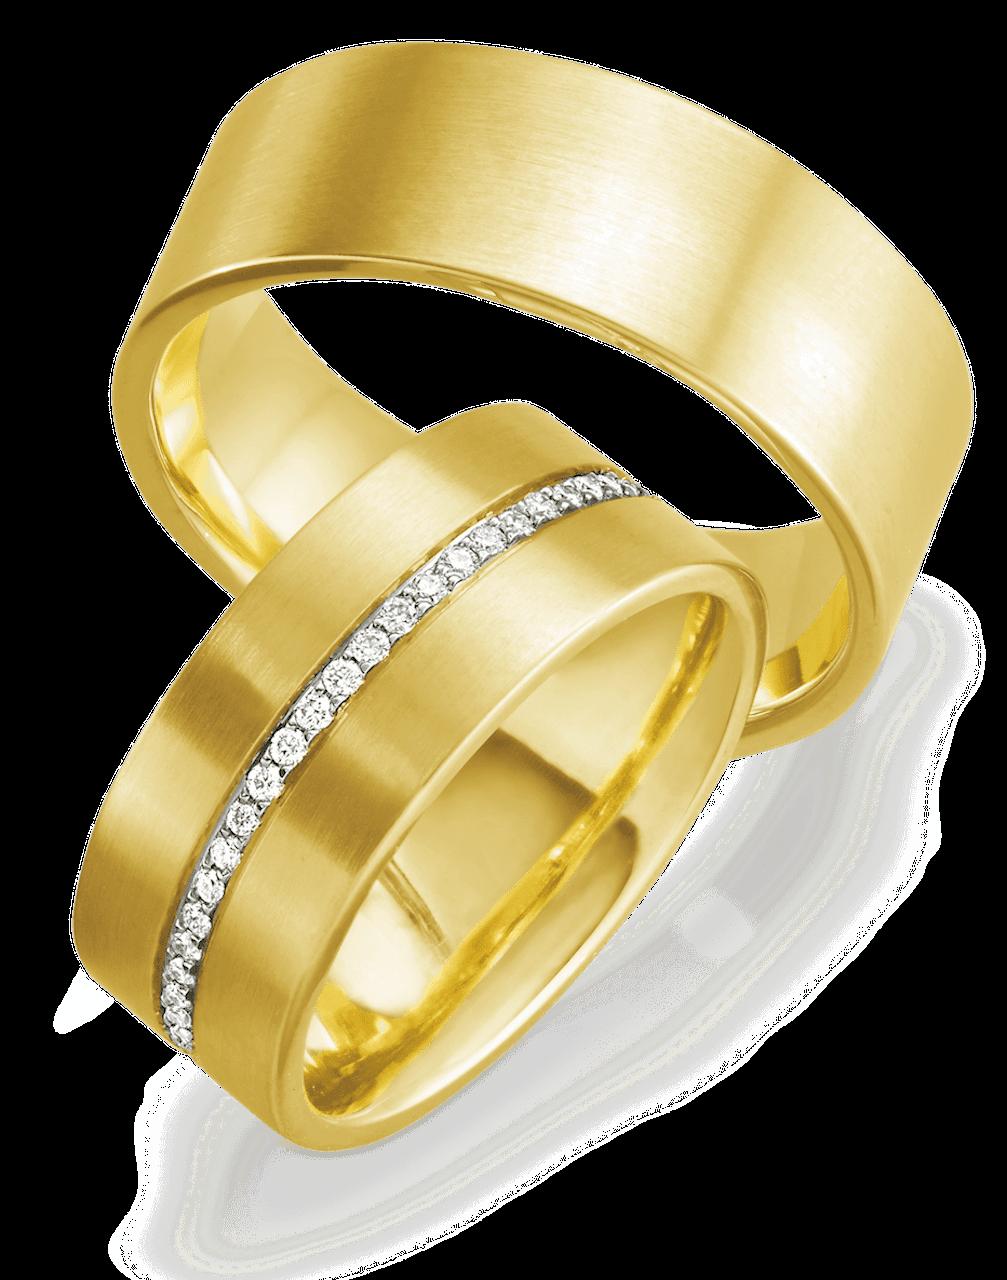 Luxus Trauringe mit 53 Diamanten